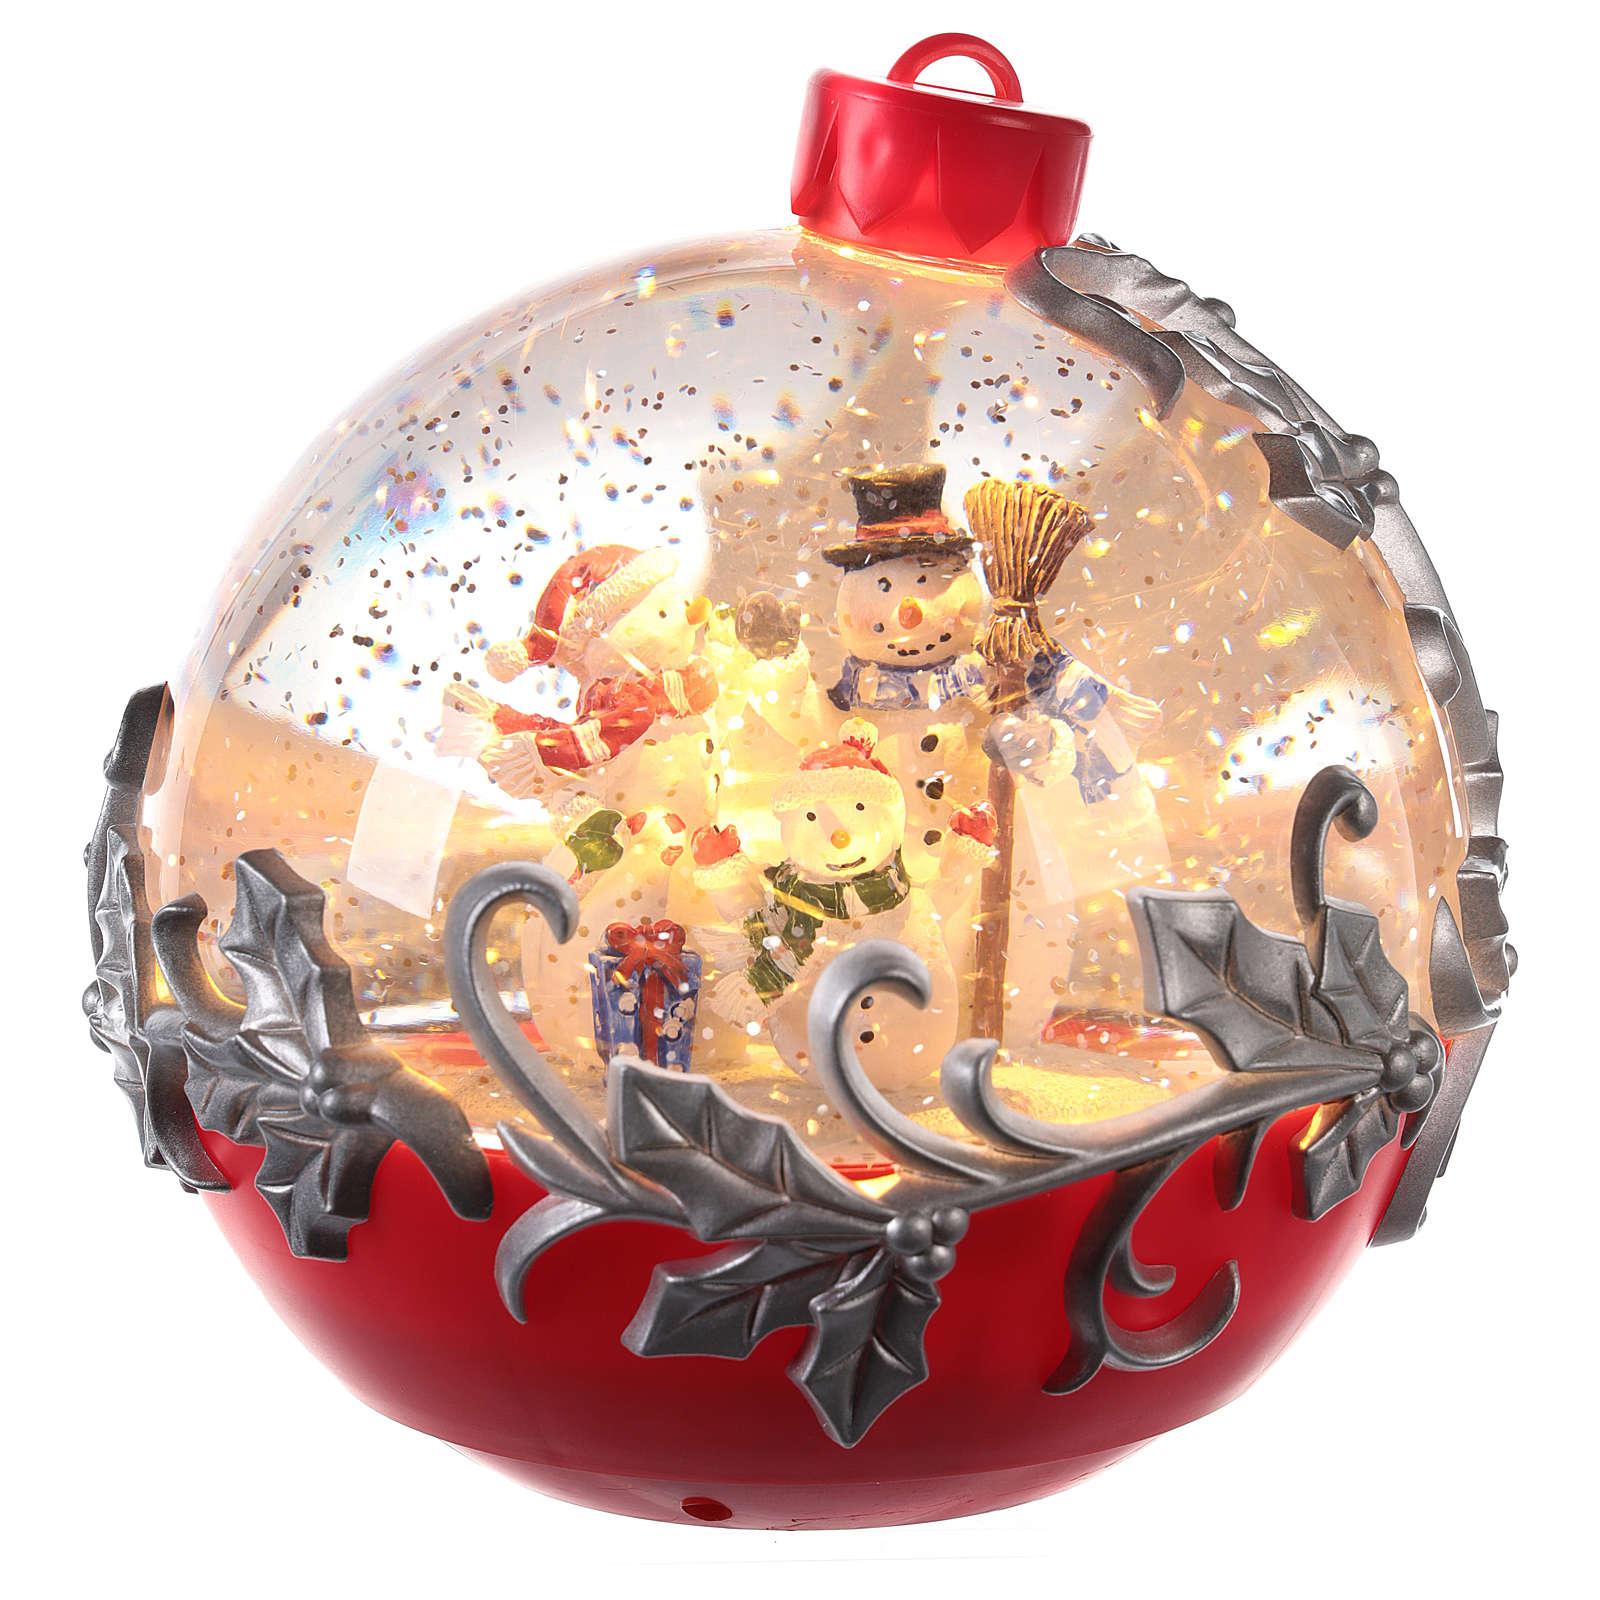 Christmas ball globe with snowman on sleigh 15x15 cm 3